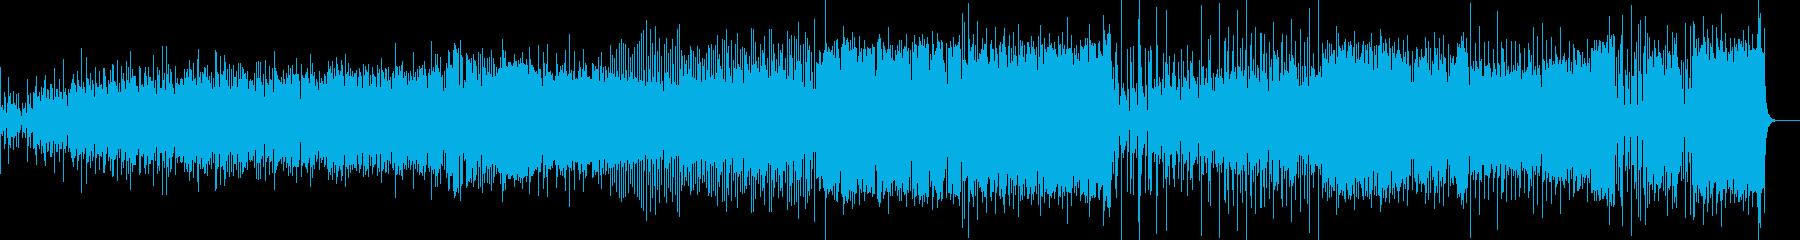 ラテン音楽は、マッチョなダンスコン...の再生済みの波形